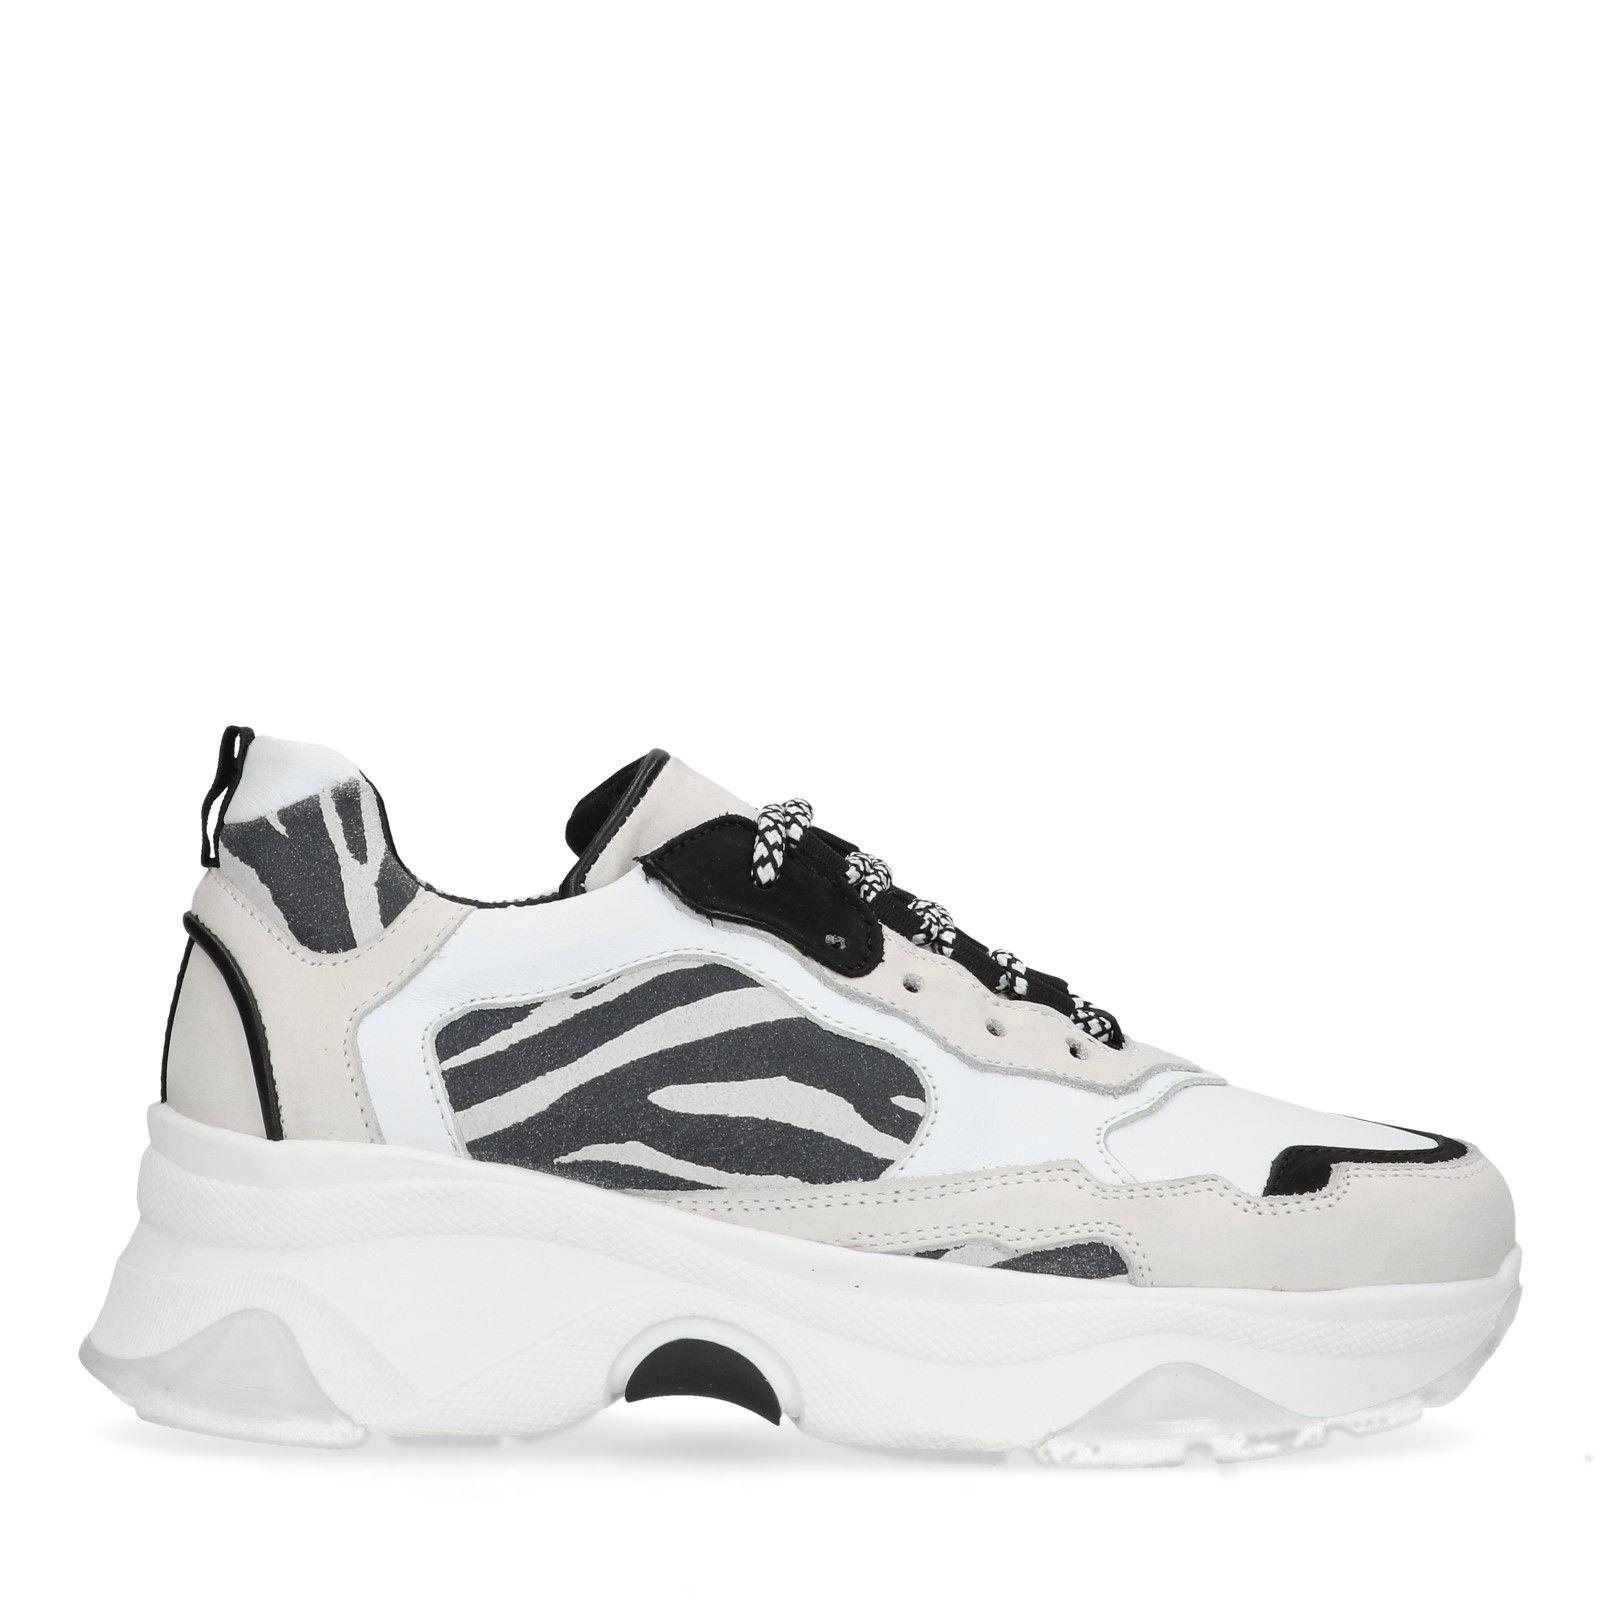 Online Schoenen Collectie Shoppen Sacha Dames Nieuwe RS7qaxw55